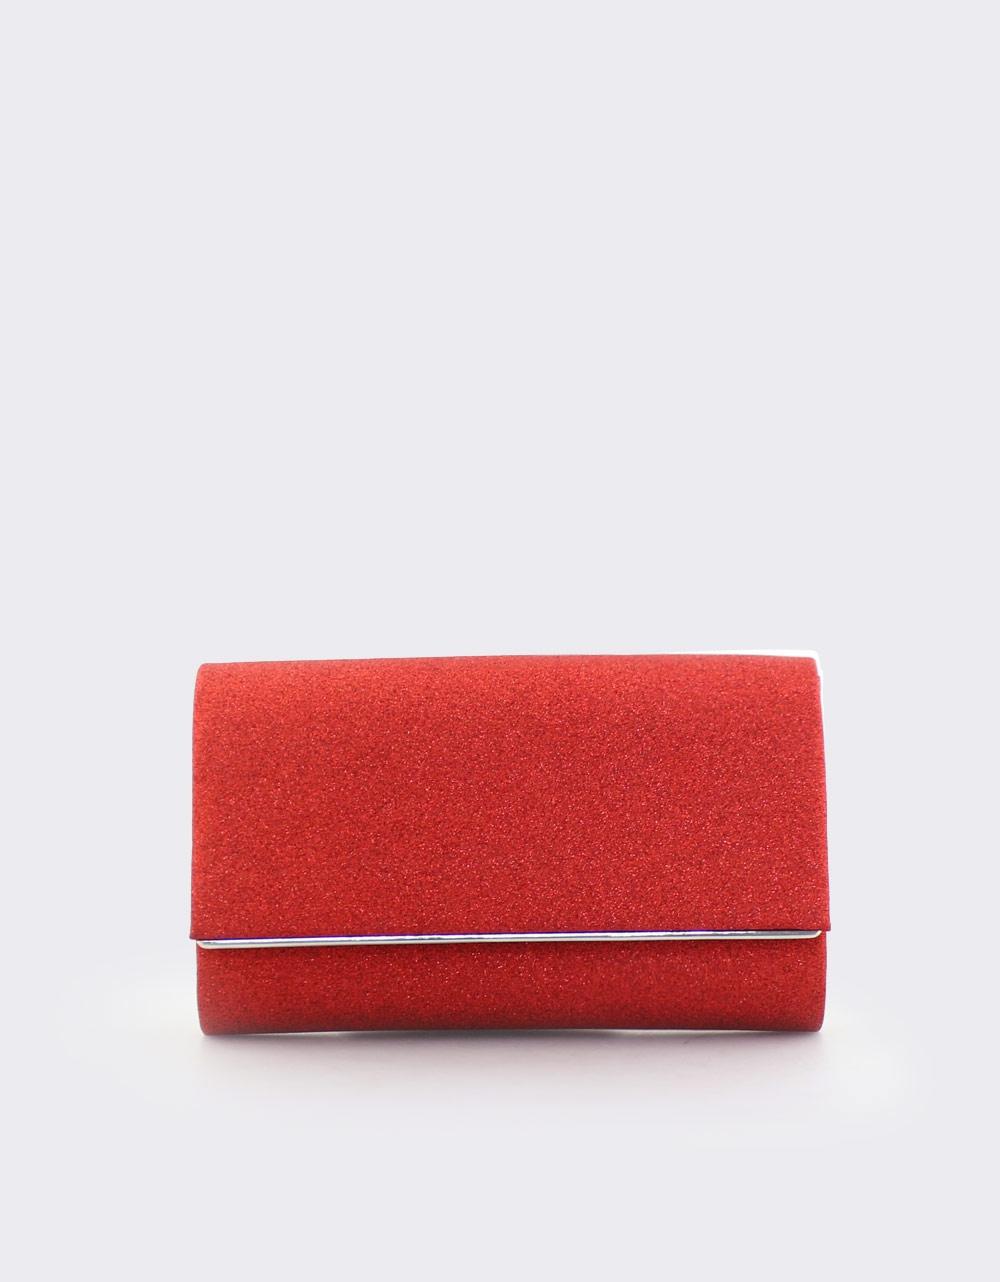 Εικόνα από Γυναικείοι φάκελοι με glitter Κόκκινο